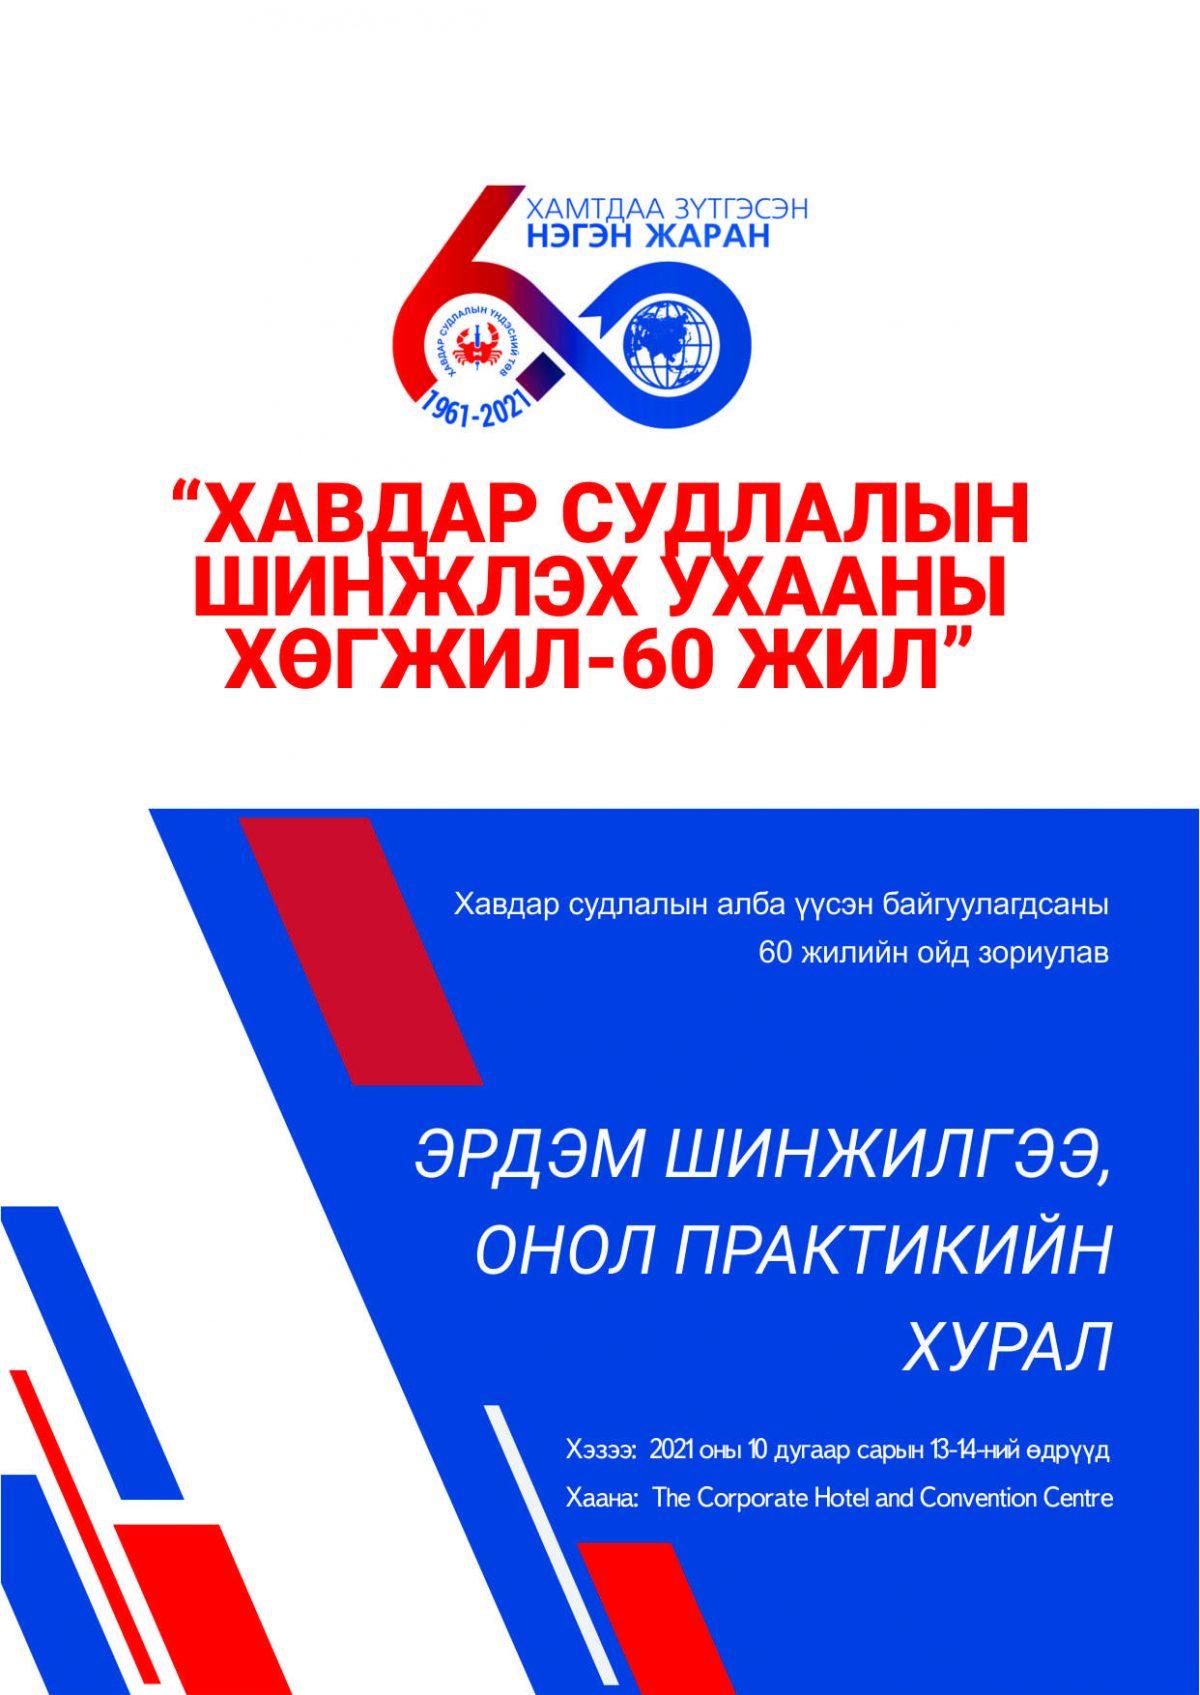 banner-poster-1200x1695.jpg